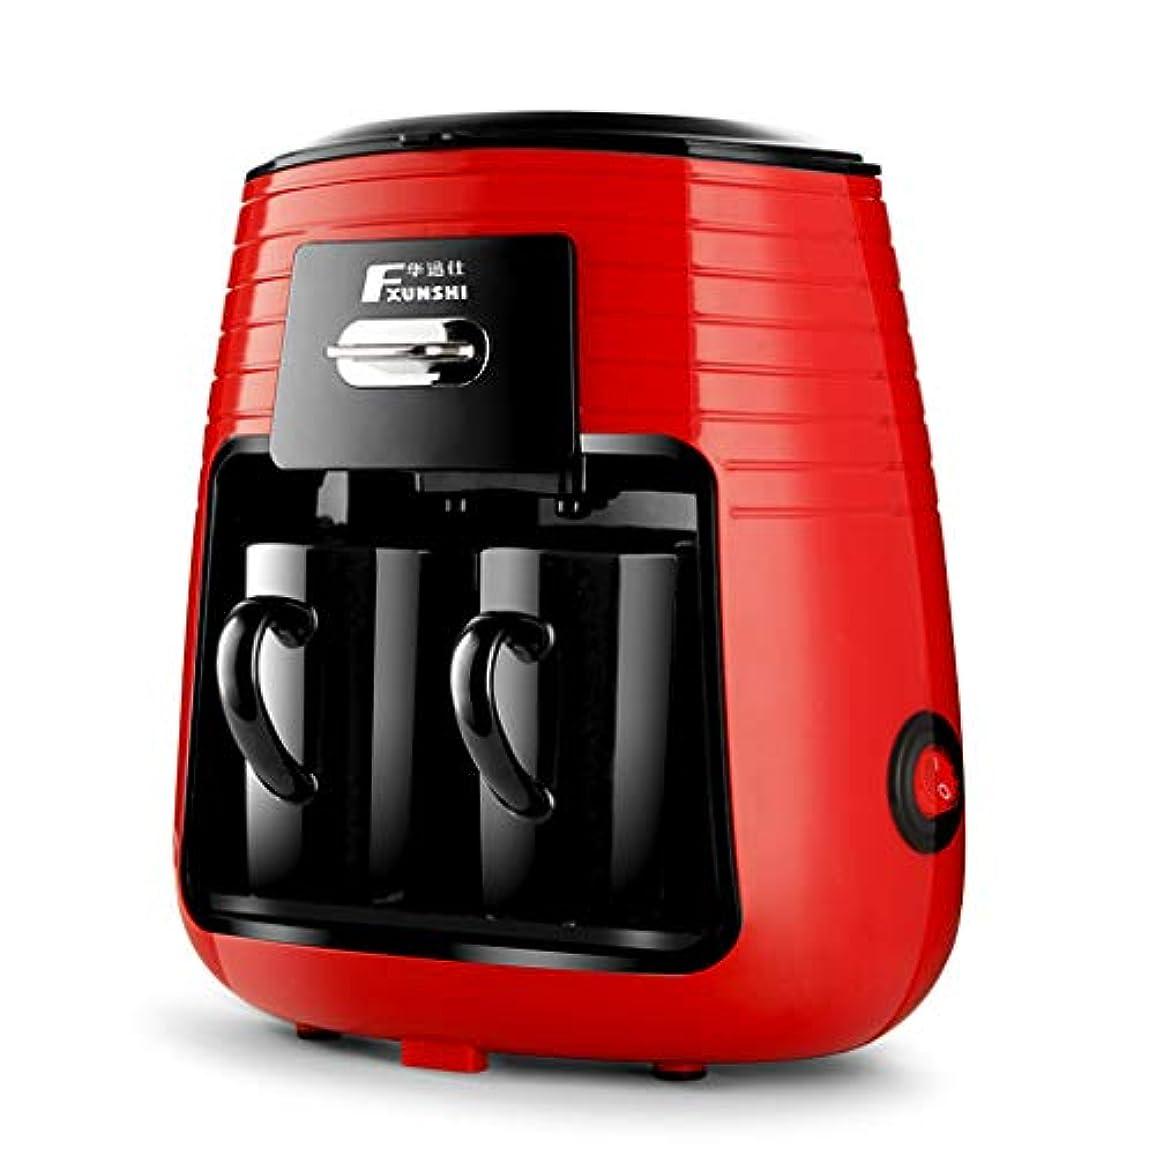 免除する分配します起訴するプロフェッショナル フィルターコーヒーマシン、2セラミックカップ付きワンタッチミニコーヒーメーカー、醸造ドリップコーヒーマシン、コーヒーと紅茶の醸造用再利用可能なフィルター、ドリップ防止および保温機能、カプチーノ